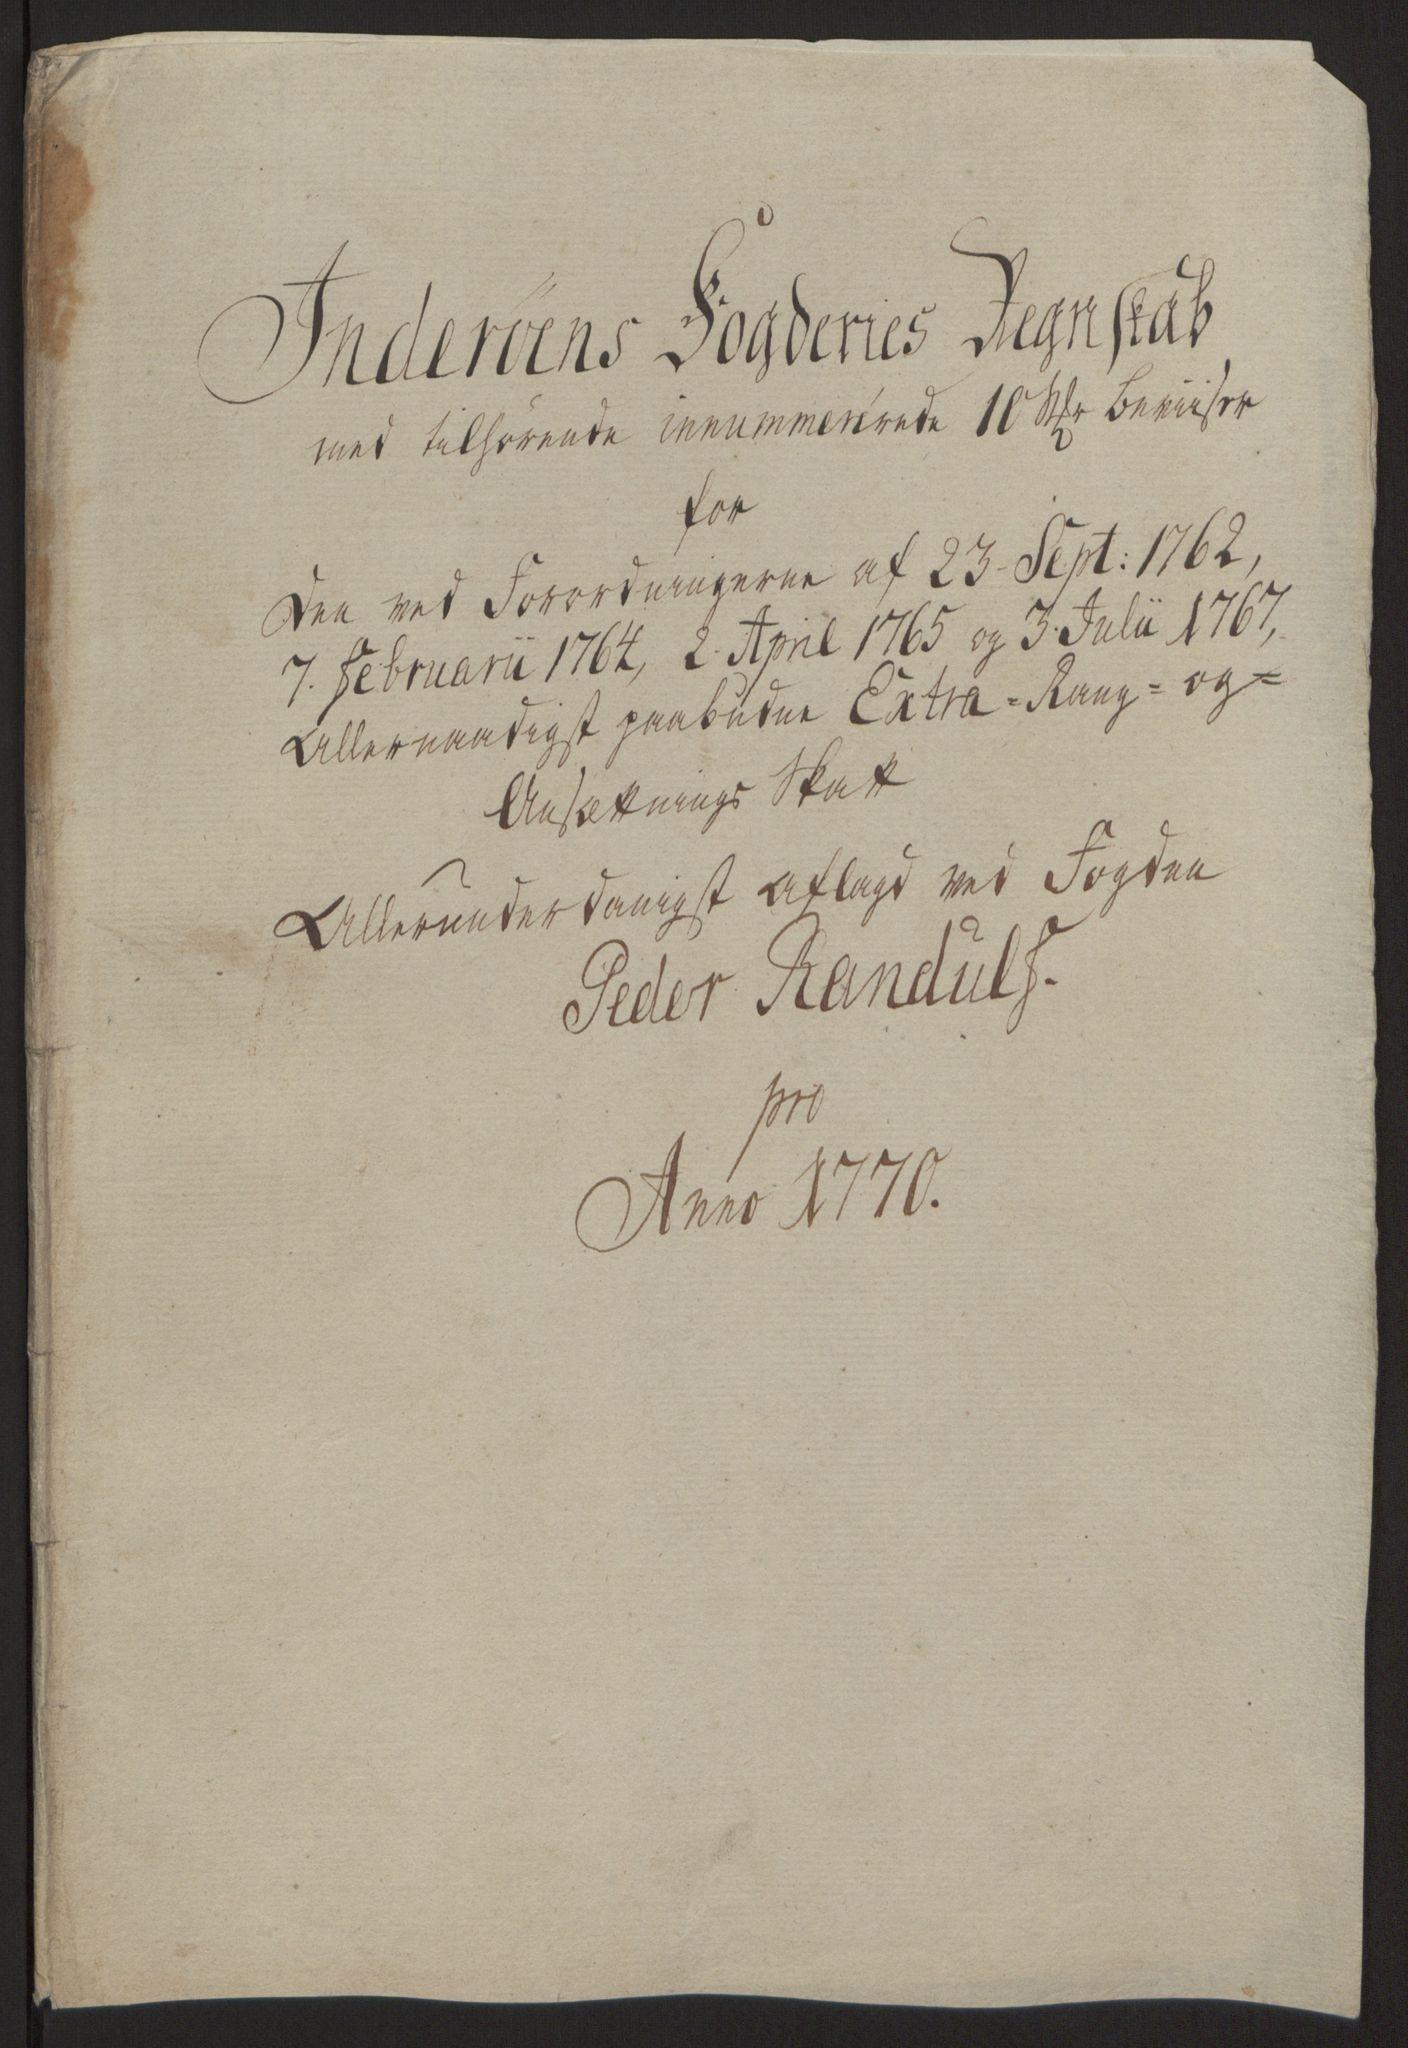 RA, Rentekammeret inntil 1814, Reviderte regnskaper, Fogderegnskap, R63/L4420: Ekstraskatten Inderøy, 1762-1772, s. 377